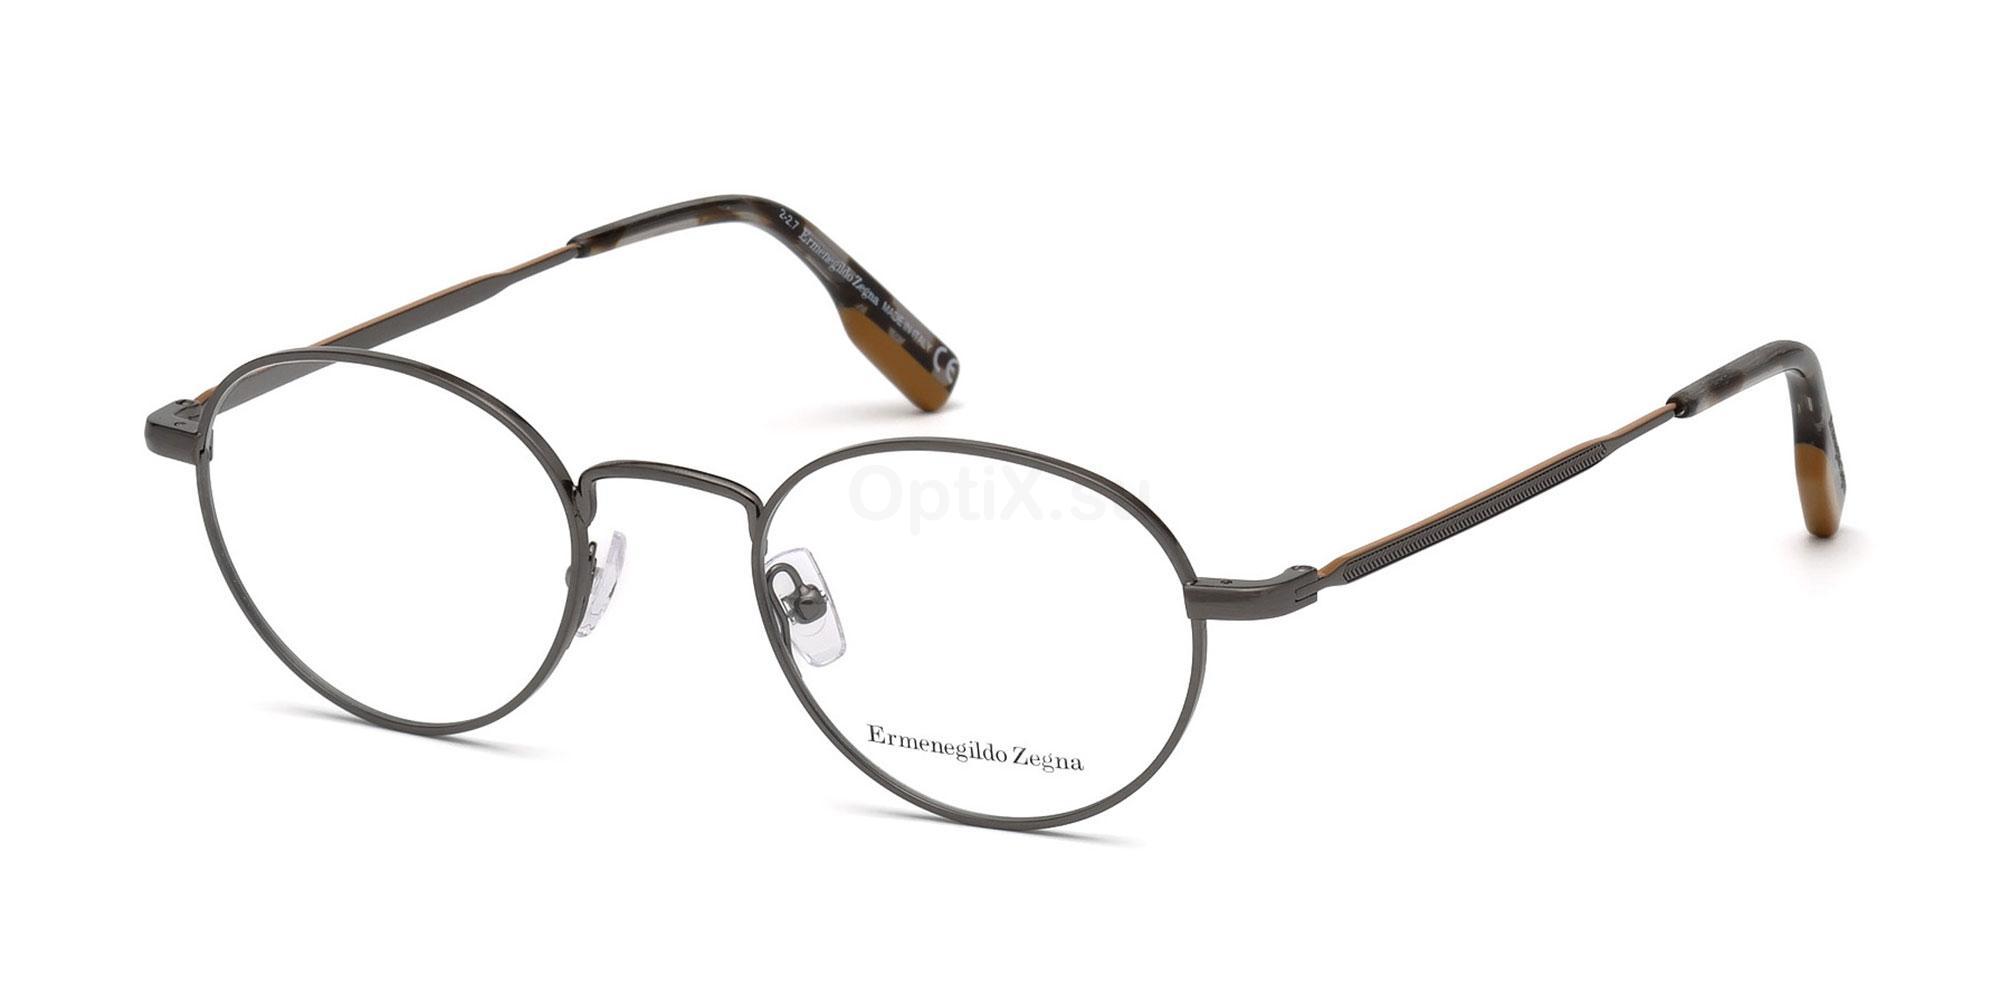 008 EZ5132 Glasses, Ermenegildo Zegna